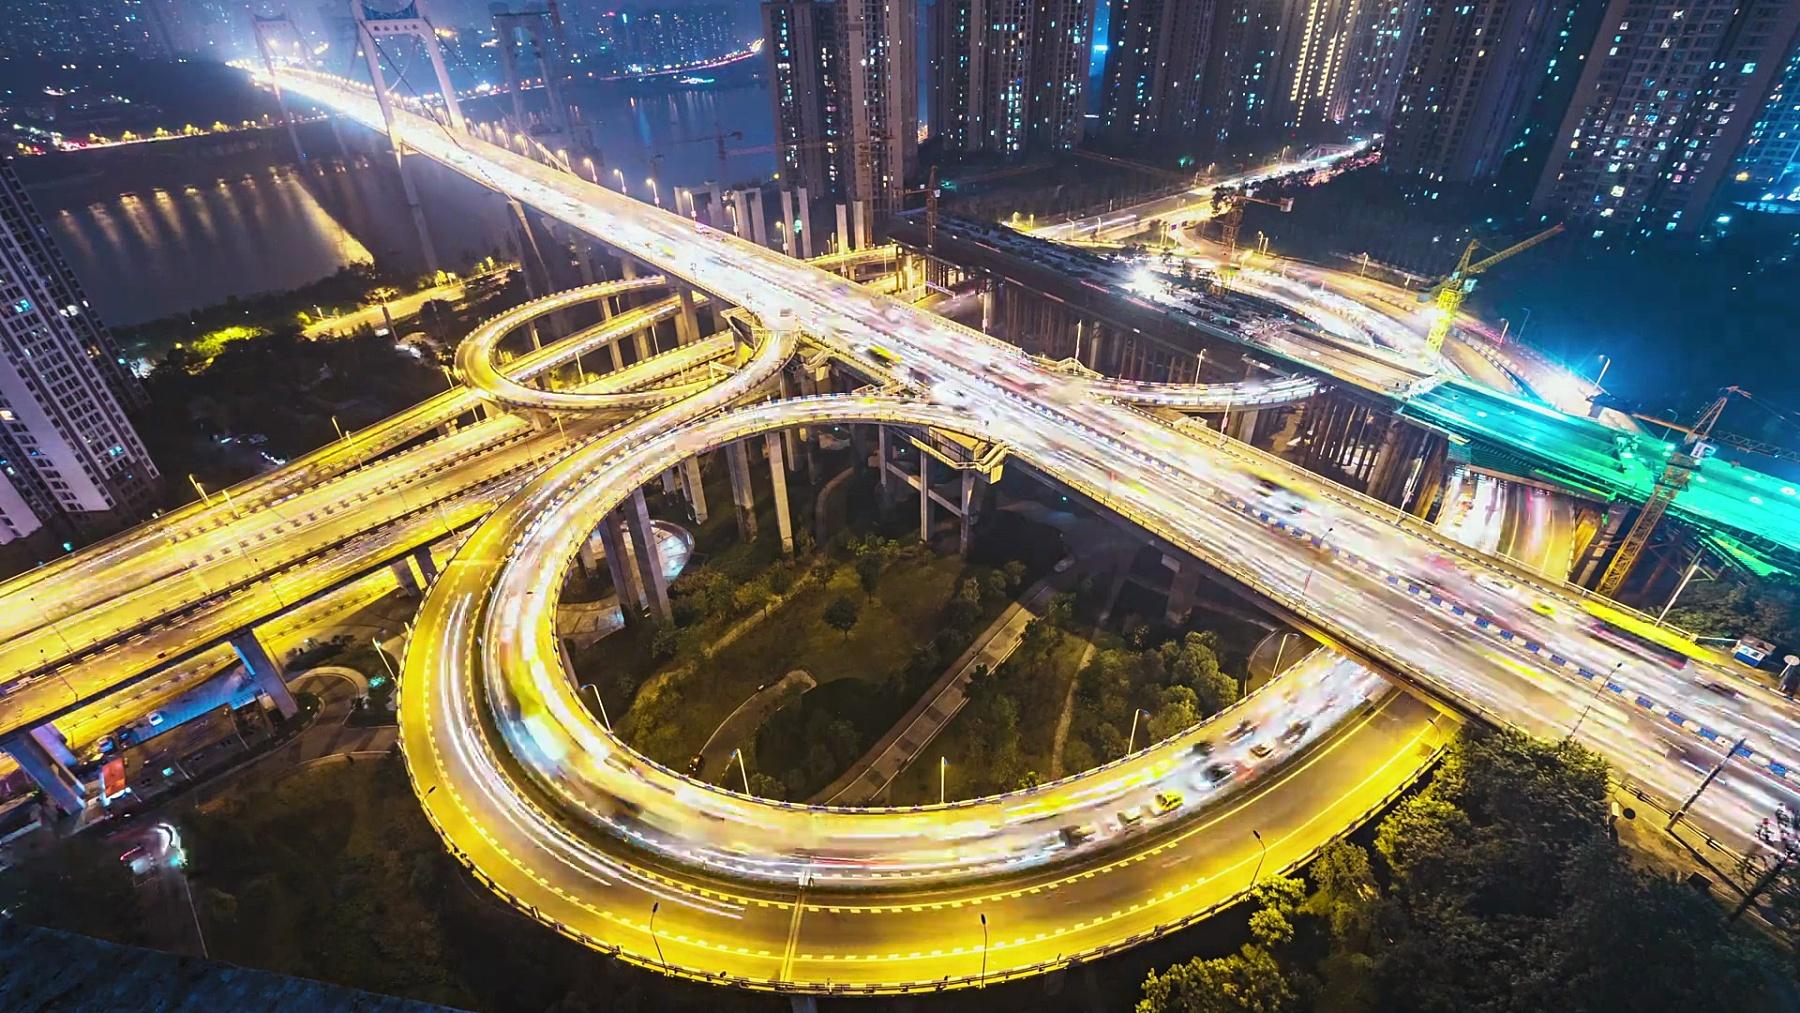 晚上重庆道路交叉口的交通。时间间隔